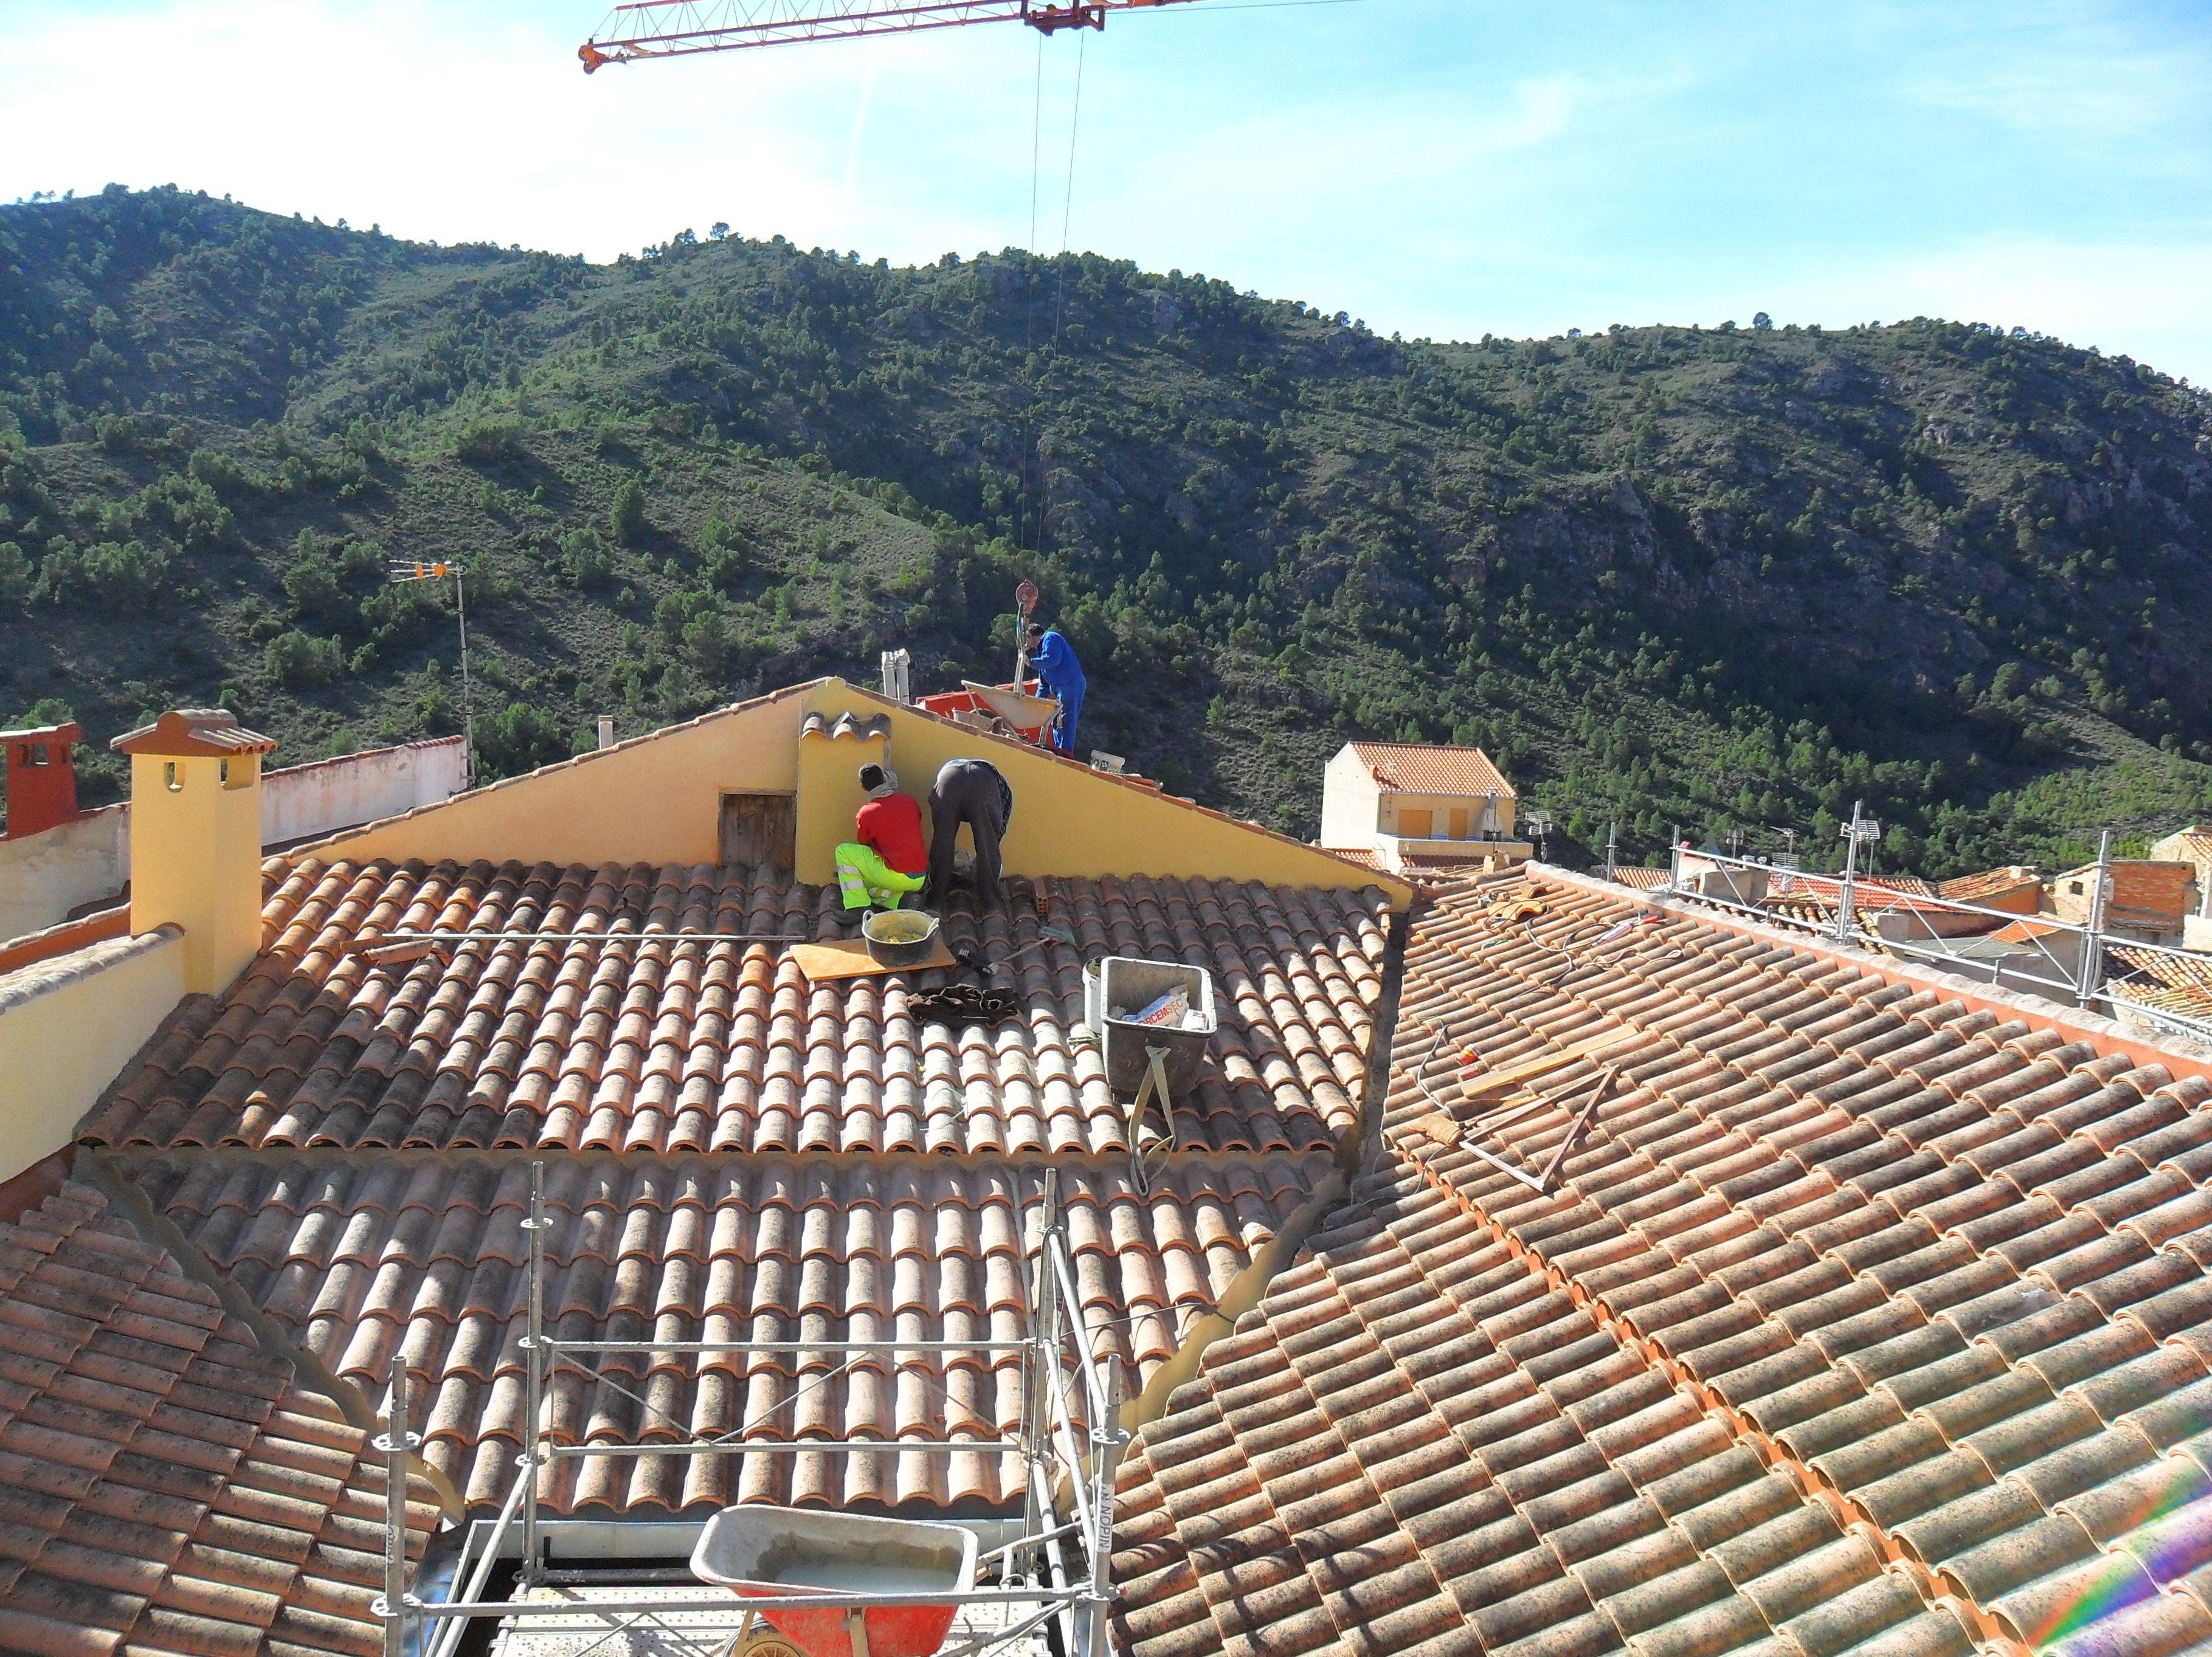 Foto 12 de Construcción y reforma en Liétor | Seredacon